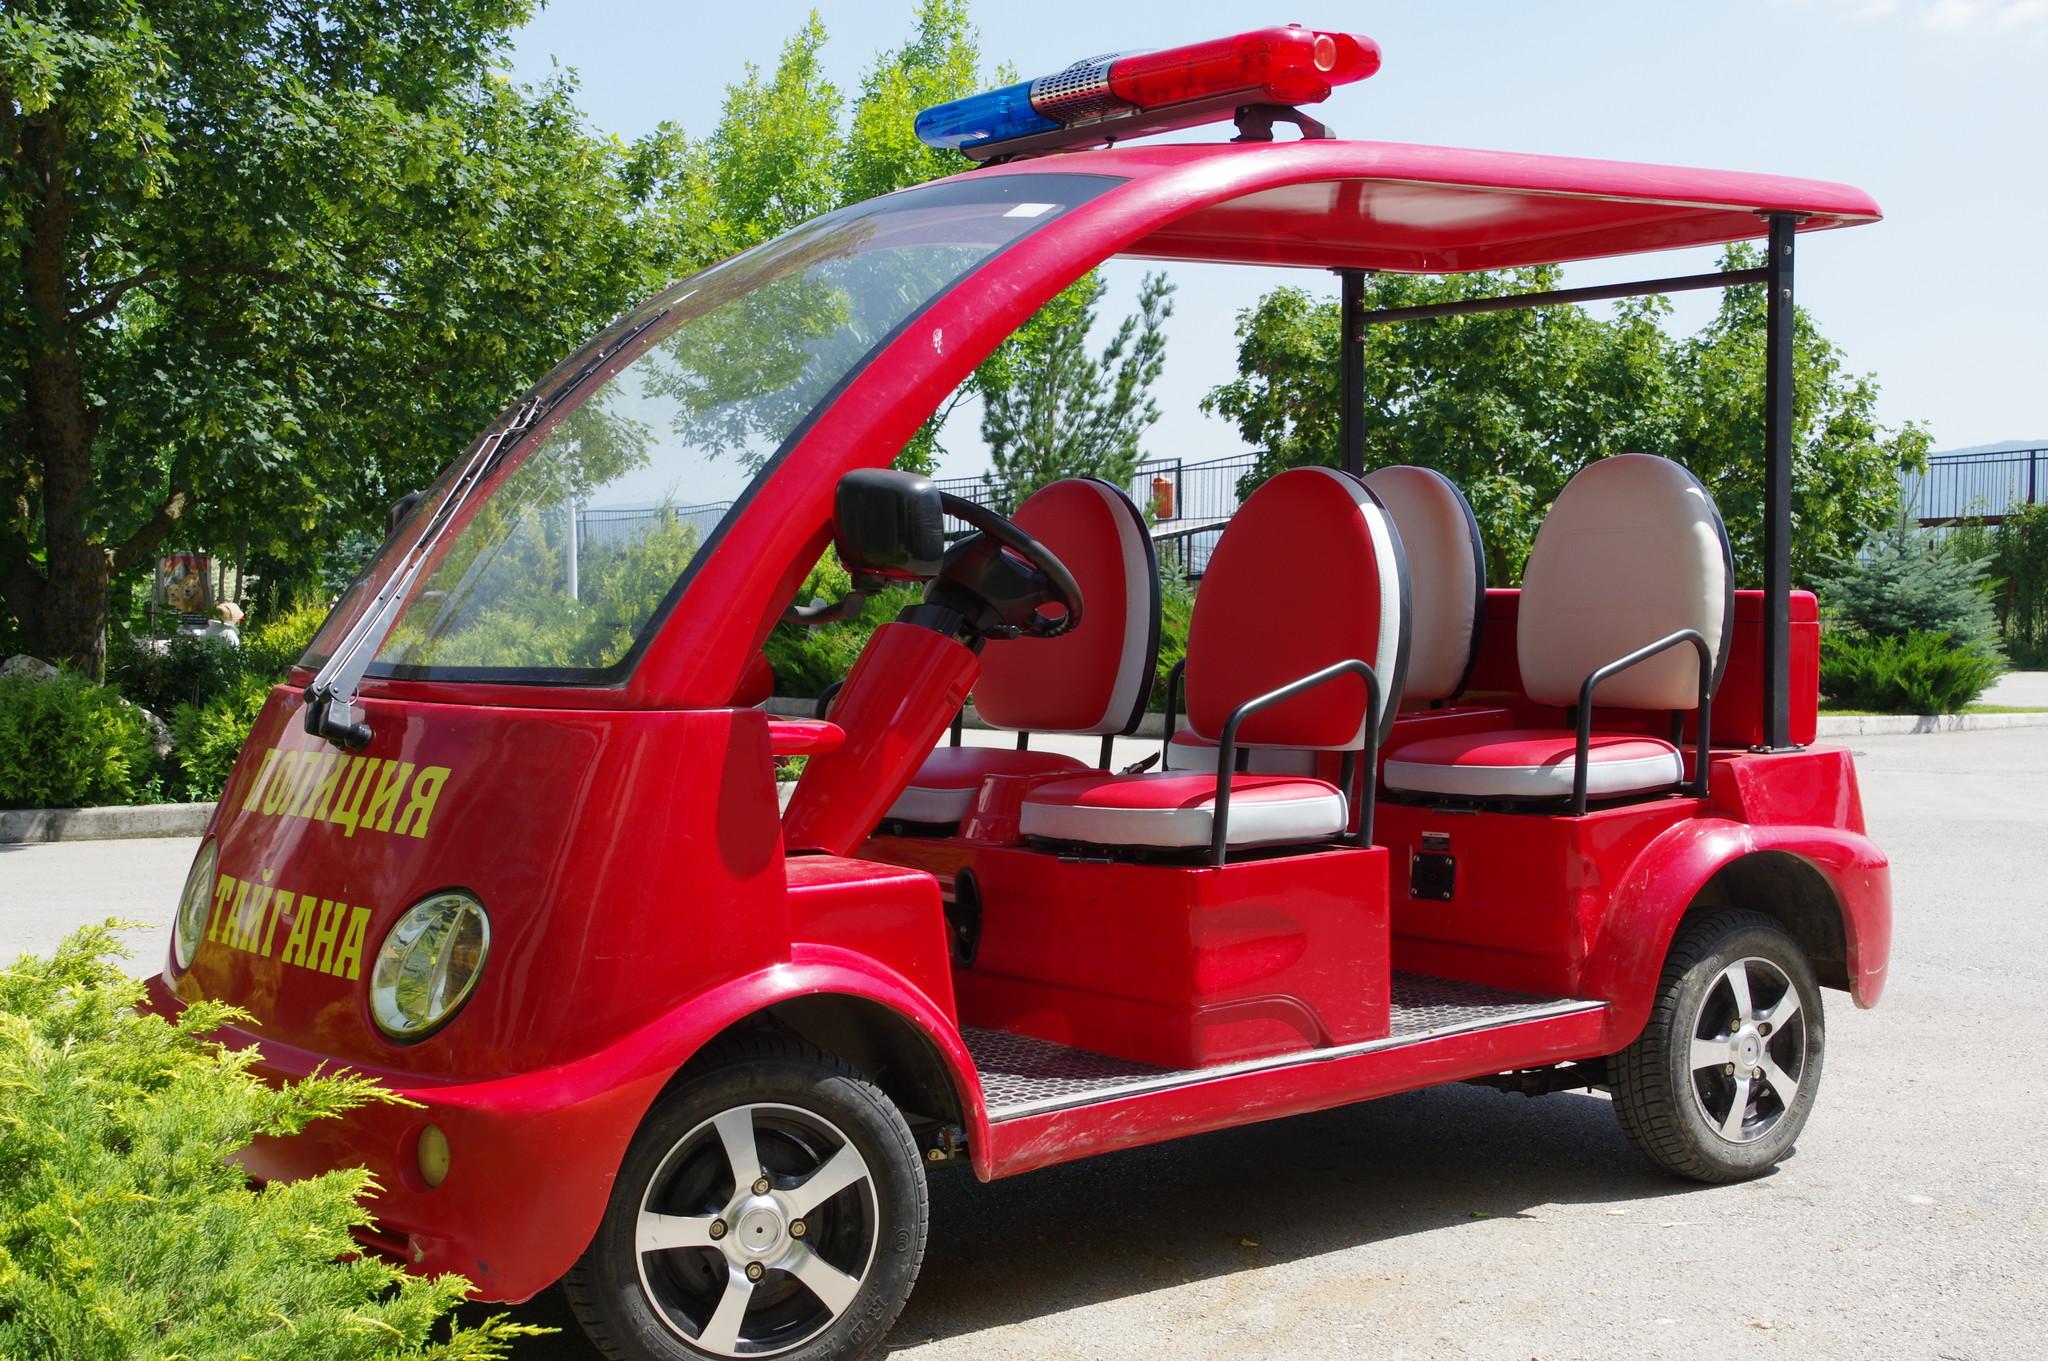 Автомобиль полиции сафари-парка «Тайган»